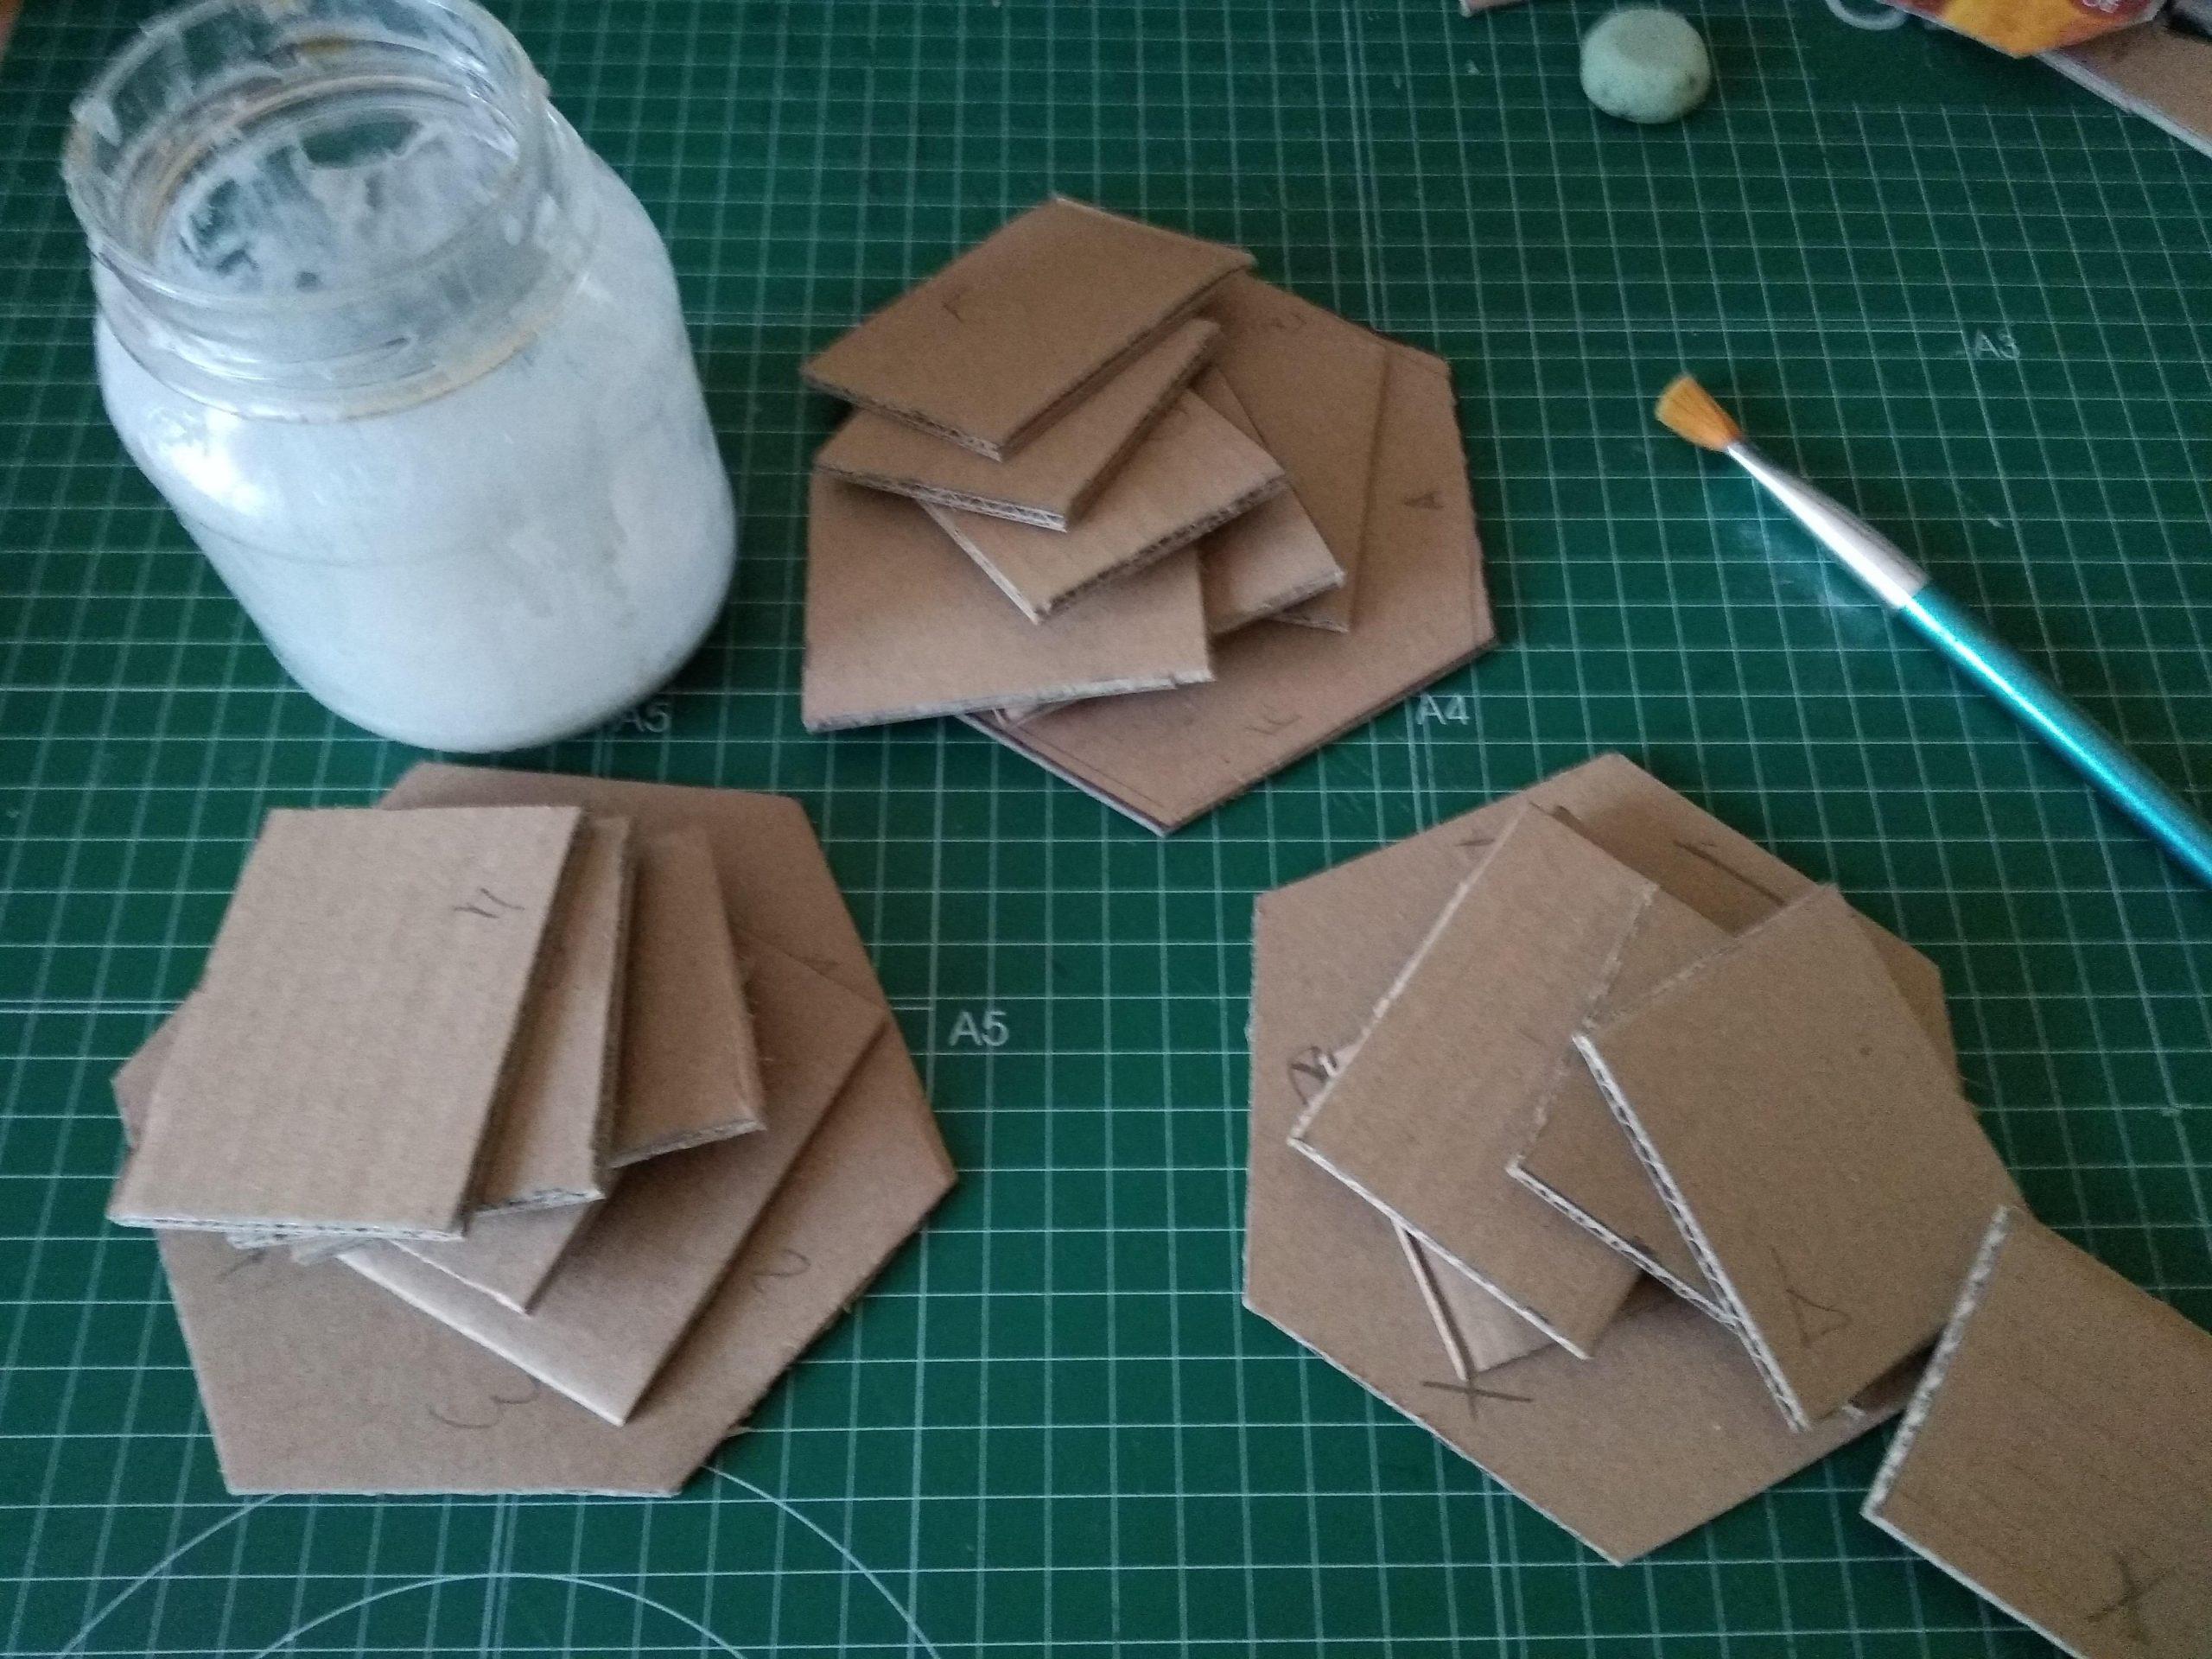 Piezas cortadas para hacer tres estantes en forma de colmena pequeños